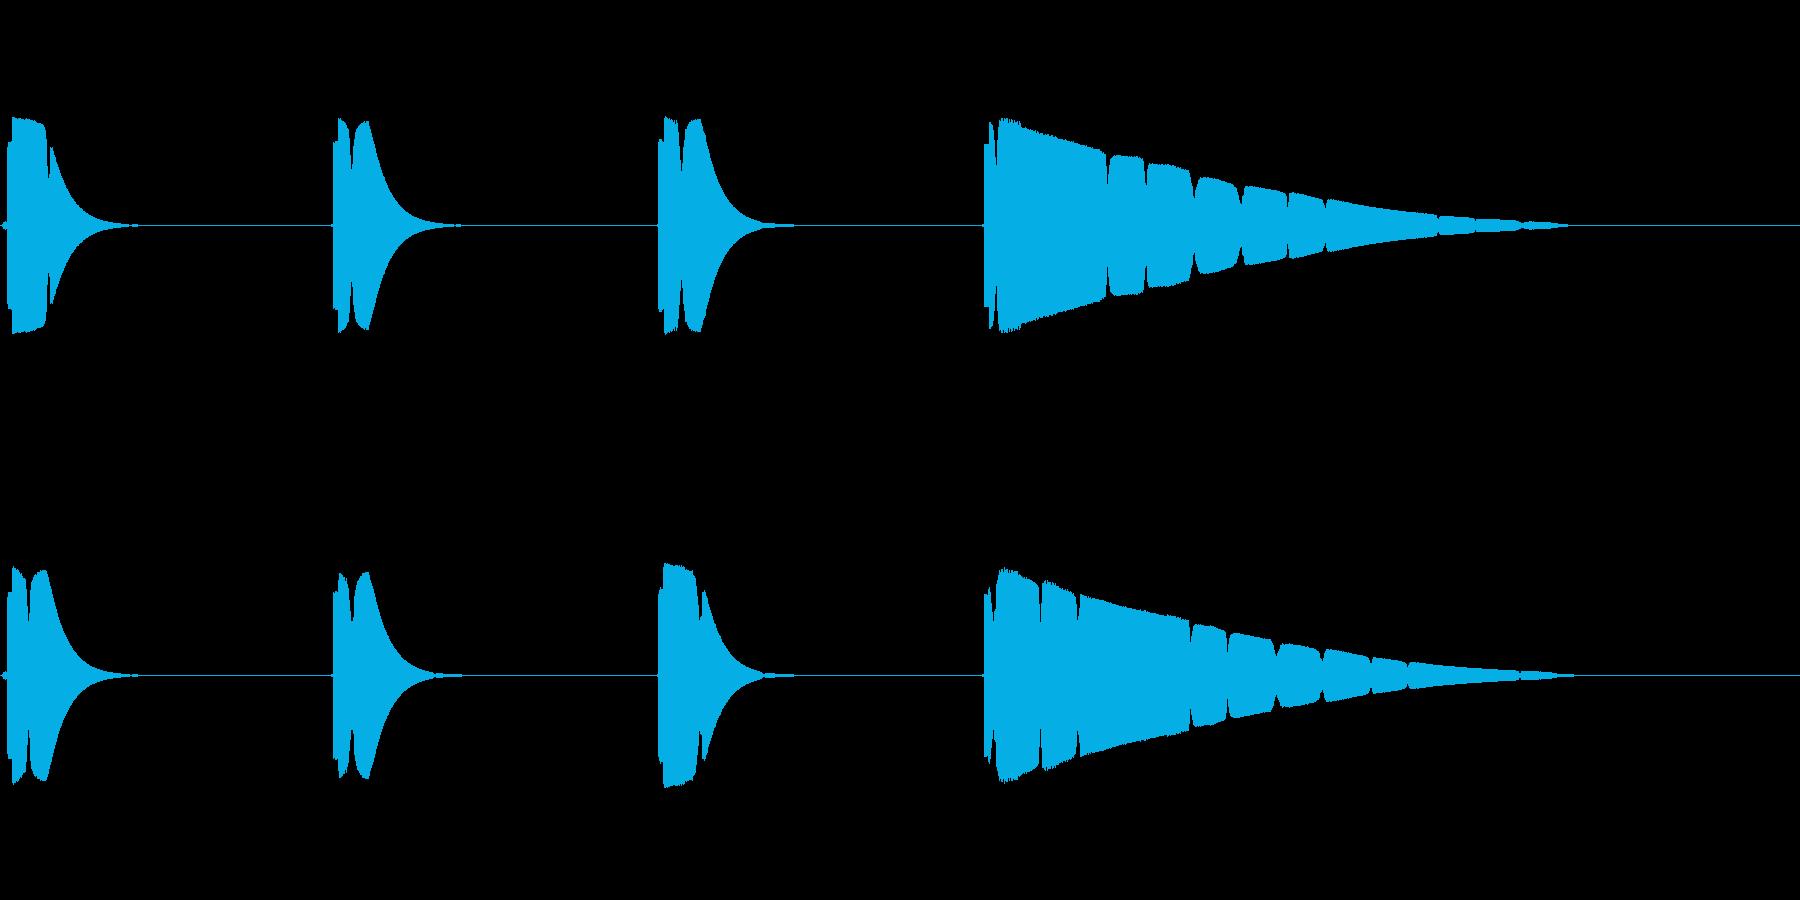 プップップッポーン(カウント音、遅め)の再生済みの波形